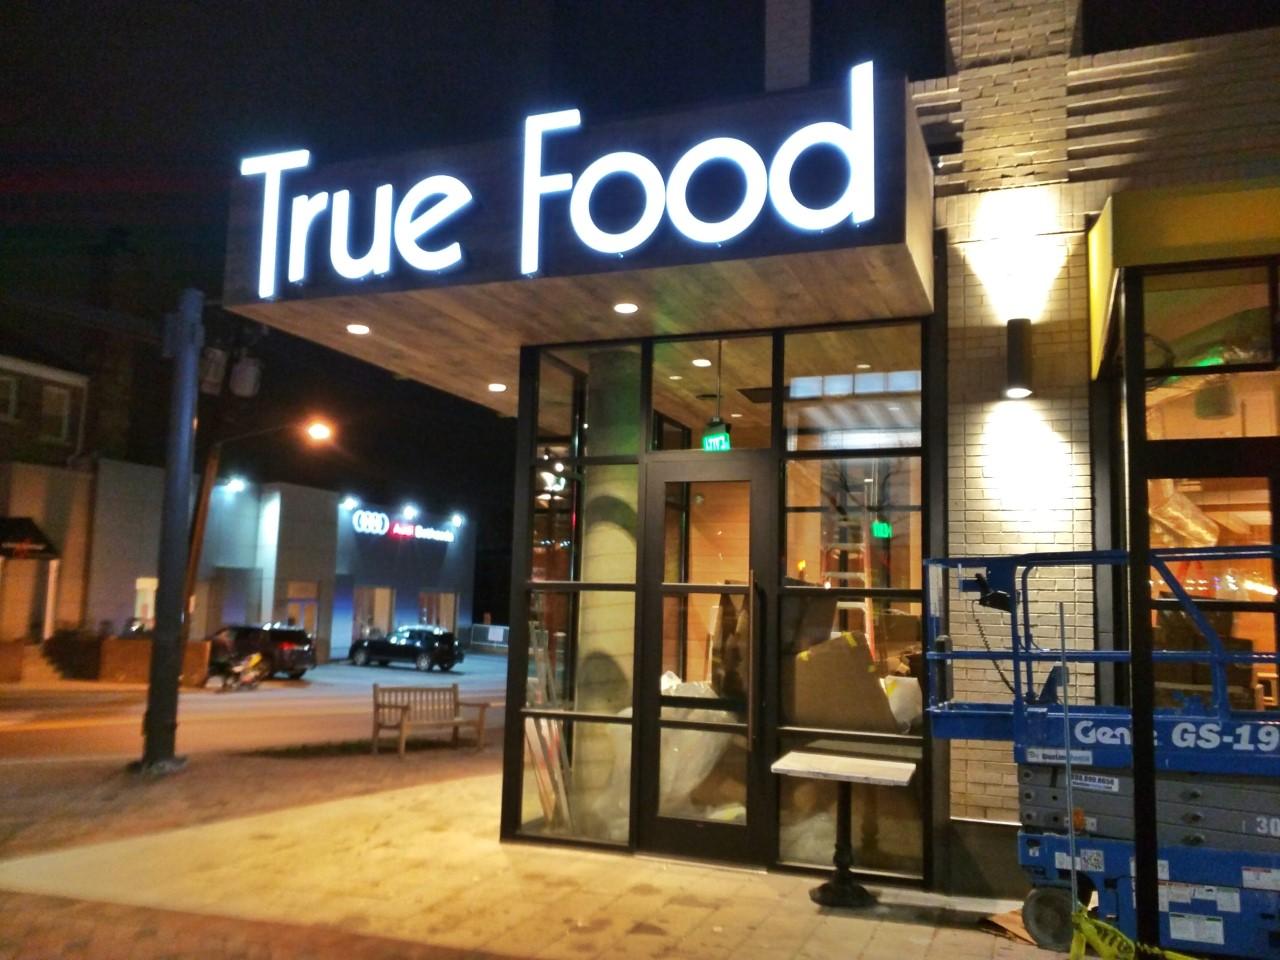 true food kitchen to host job fair in bethesda - True Food Kitchen Bethesda